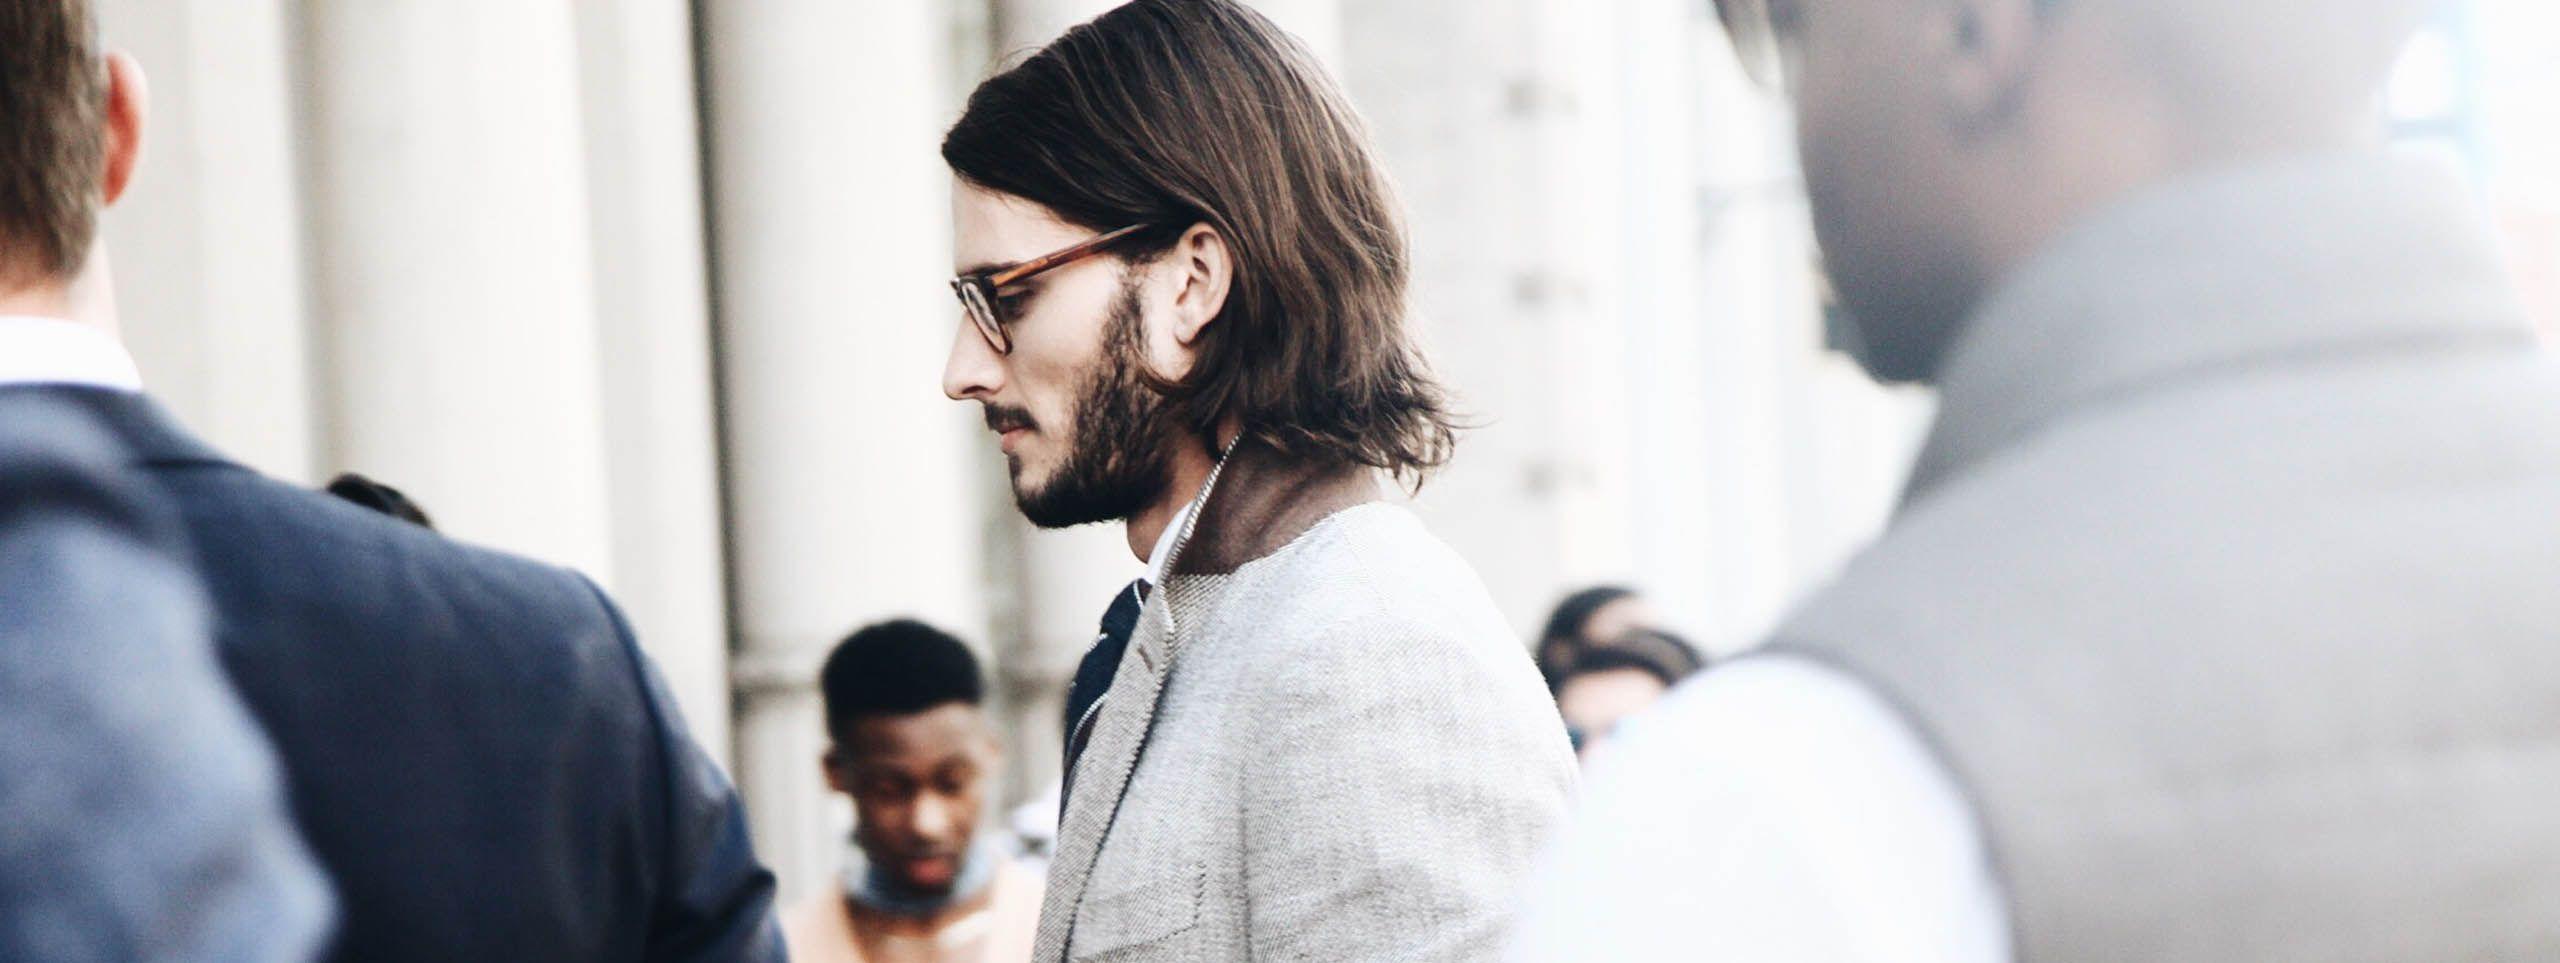 Muškarac sa dugom kosom i naočarima